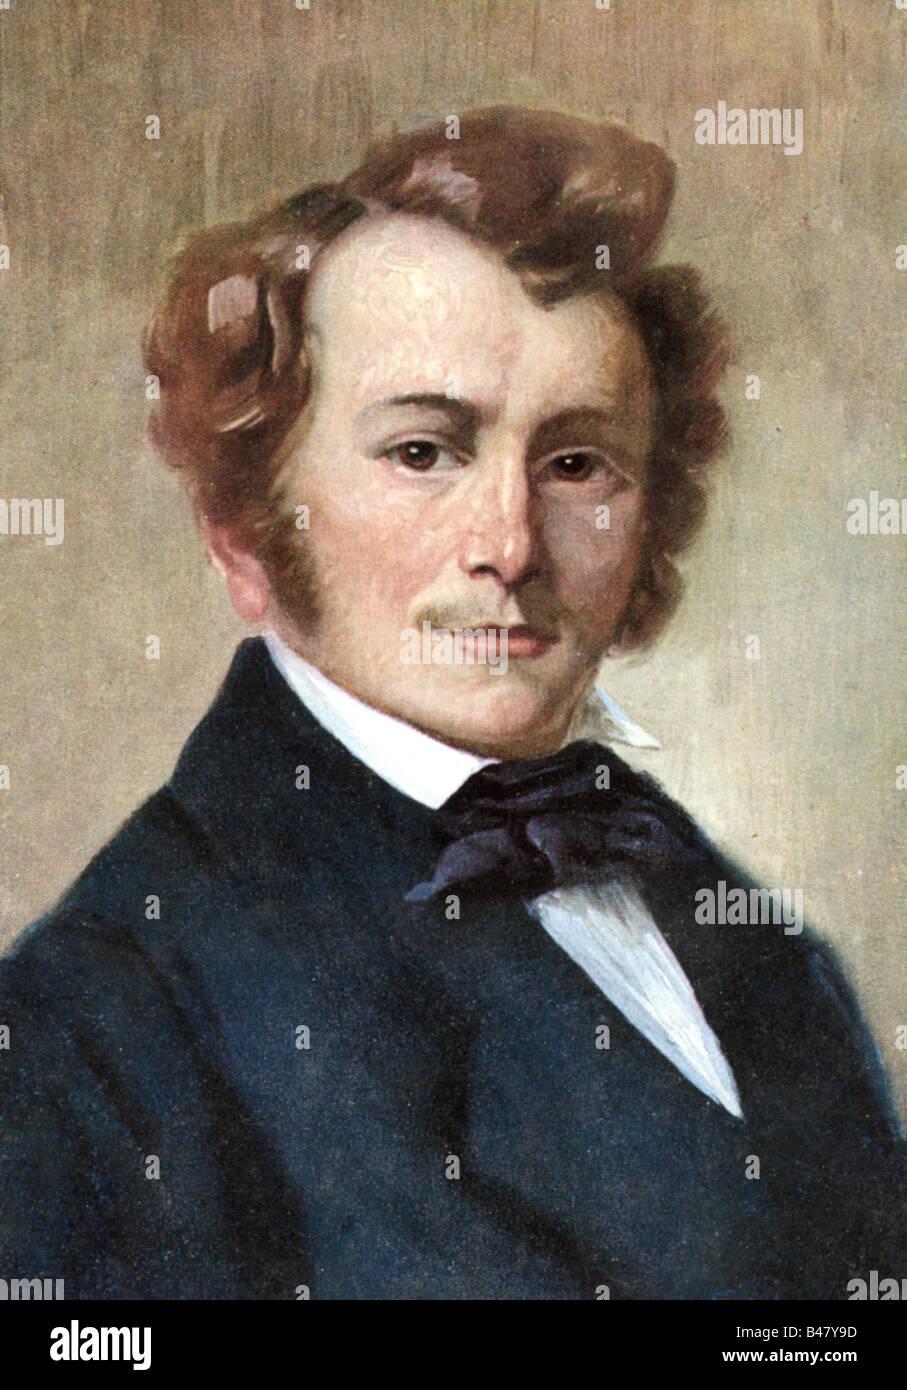 Lortzing, Albert, 23.10.1801 - 21.01.1851, Deutscher Komponist, Porträt, Gemälde von Robert Einhorn, um Stockbild